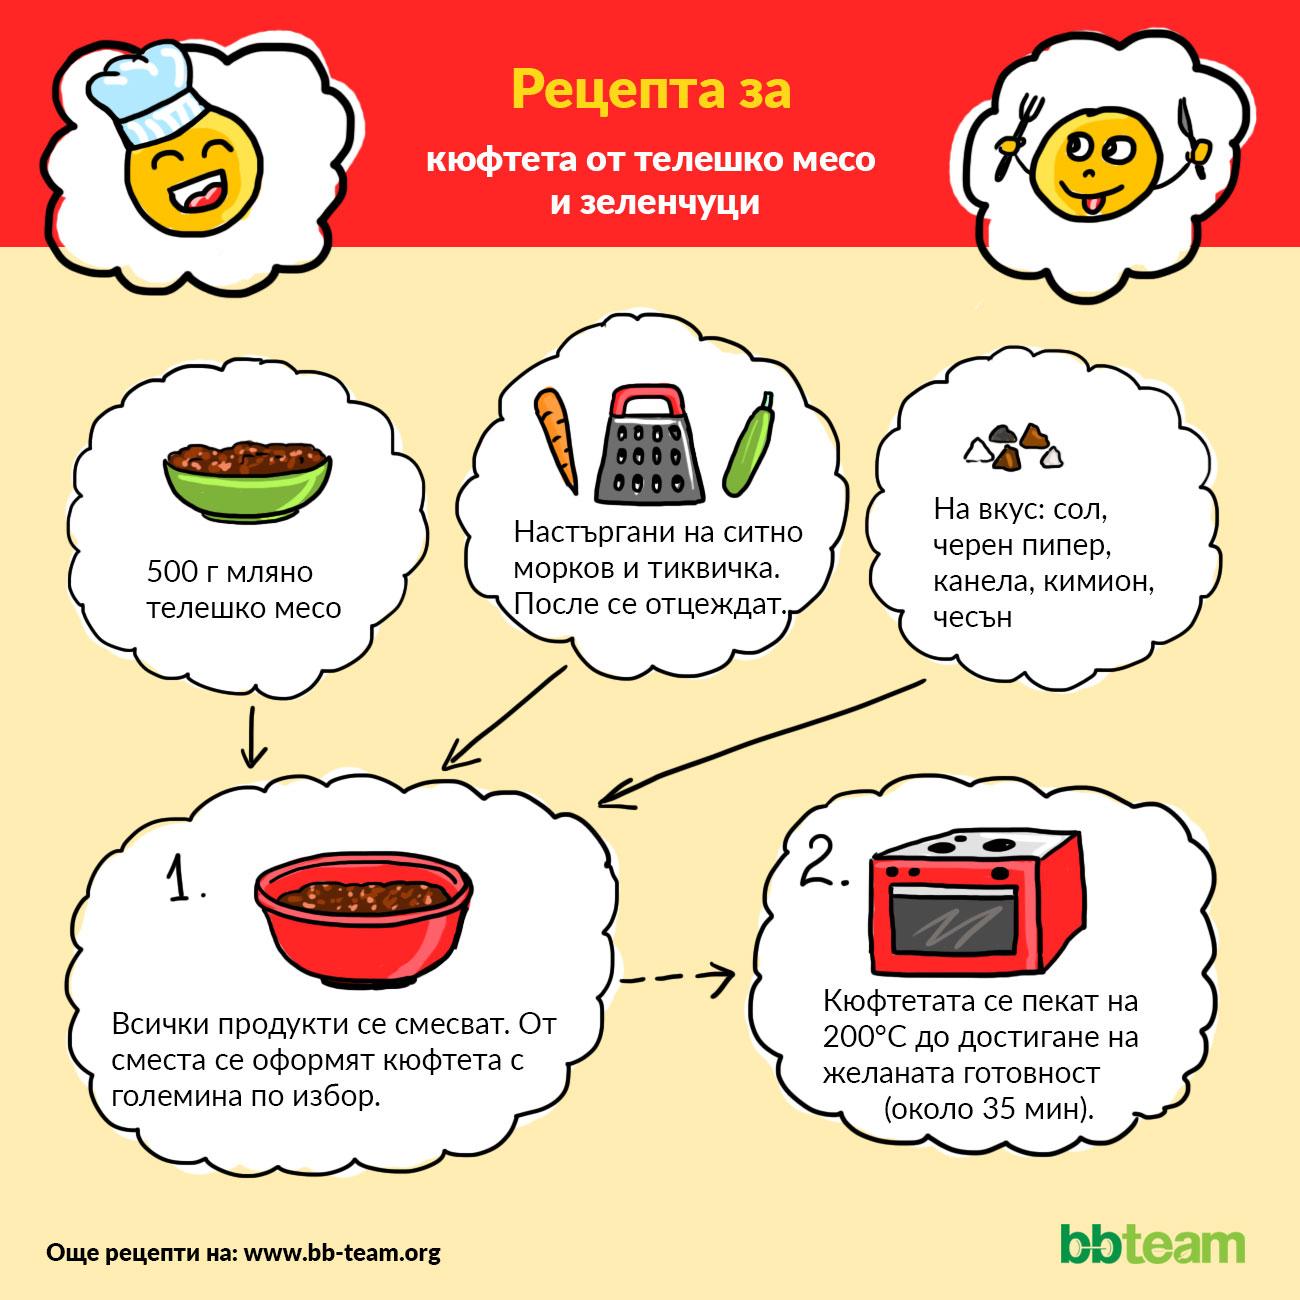 Рецепта за кюфтета от телешко месо и зеленчуци [инфографика]